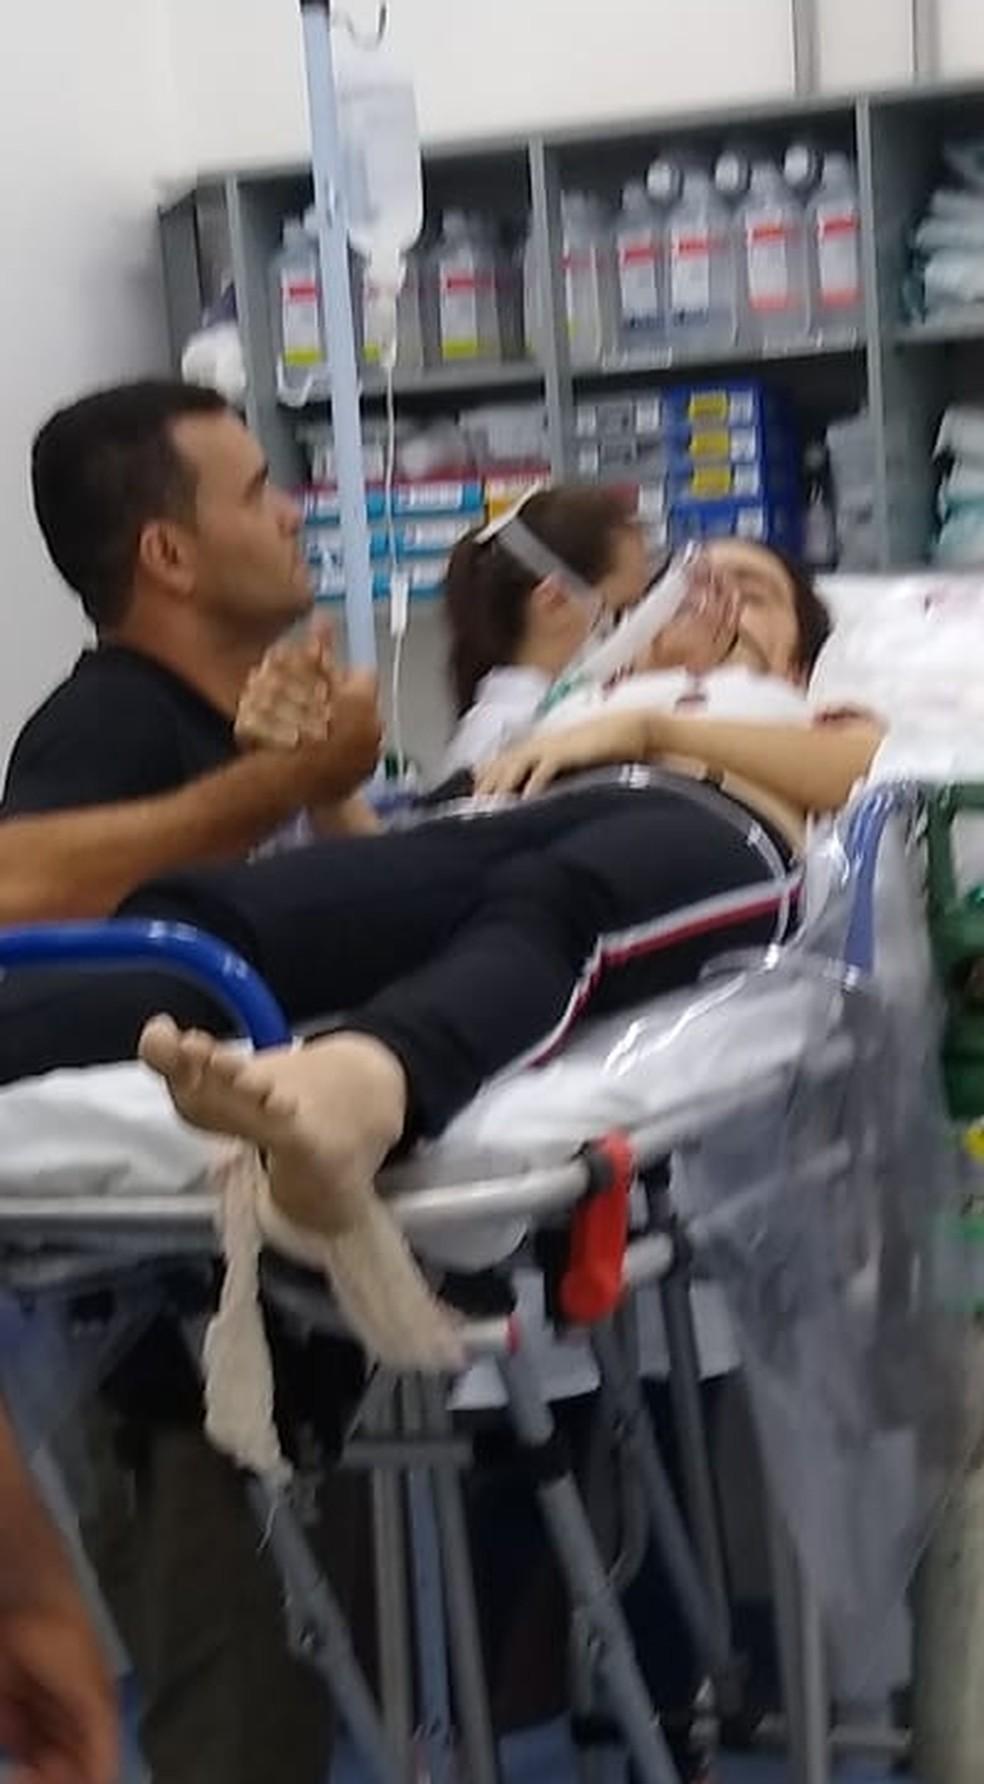 Suspeito de atirar em ex-namorada no RN aparece em foto segurando a mão da vítima no hospital após o crime — Foto: Redes Sociais